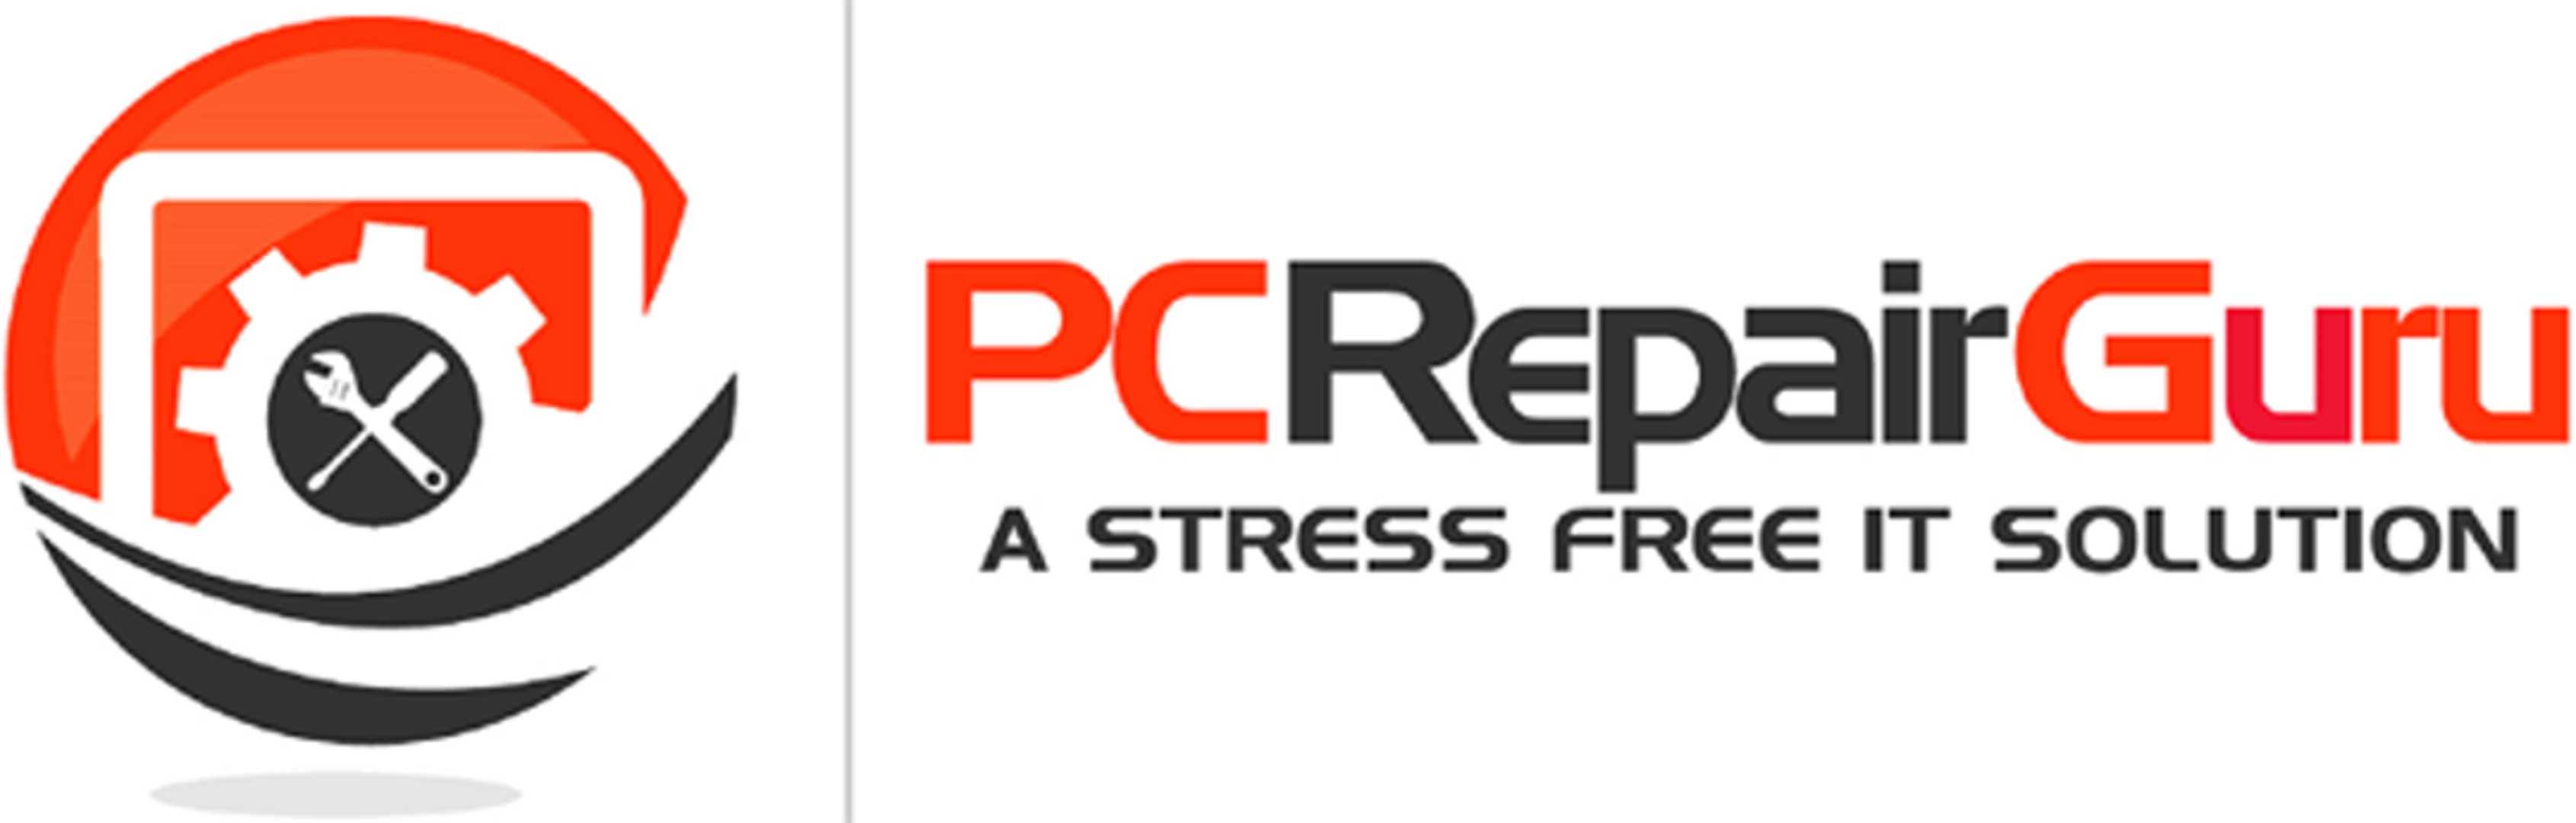 pc-repair-guru-logo.png